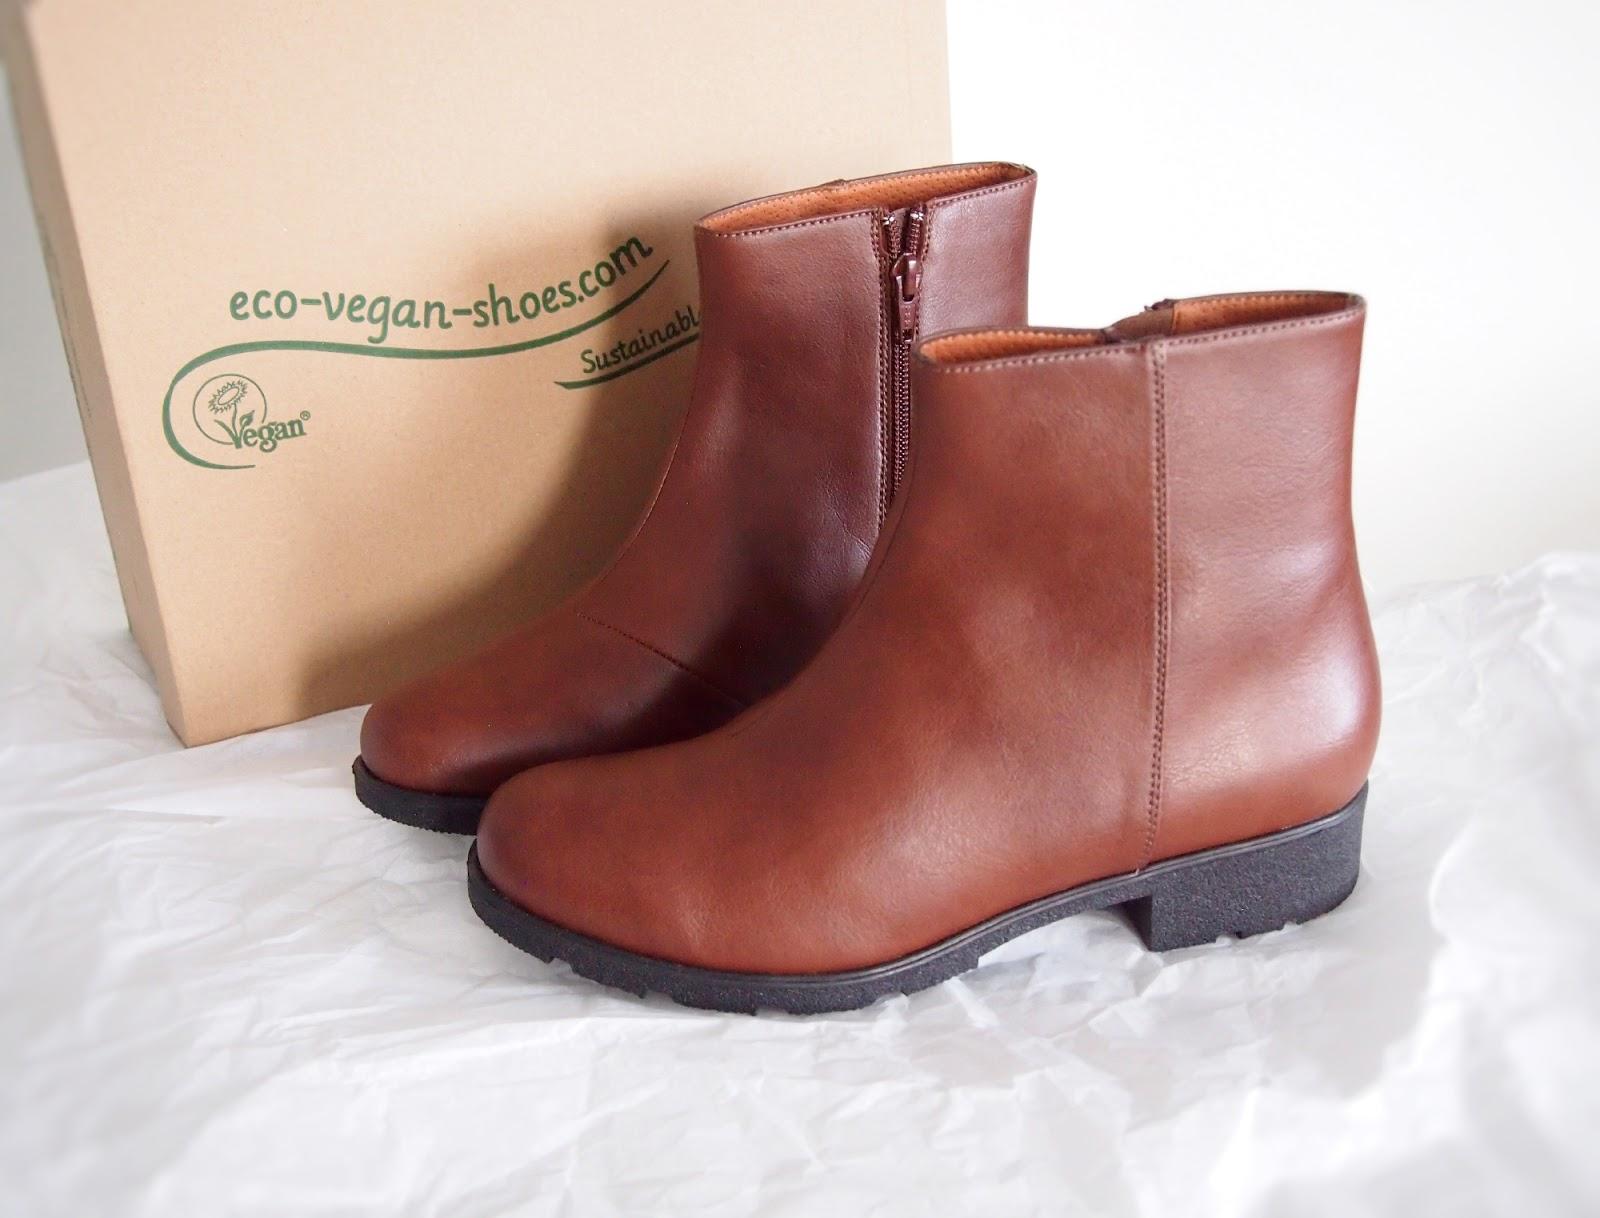 ... vegaaniset kengät täyttävät monta kriteeriäni  kestävät ja laadukkaat  materiaalit 615784a853